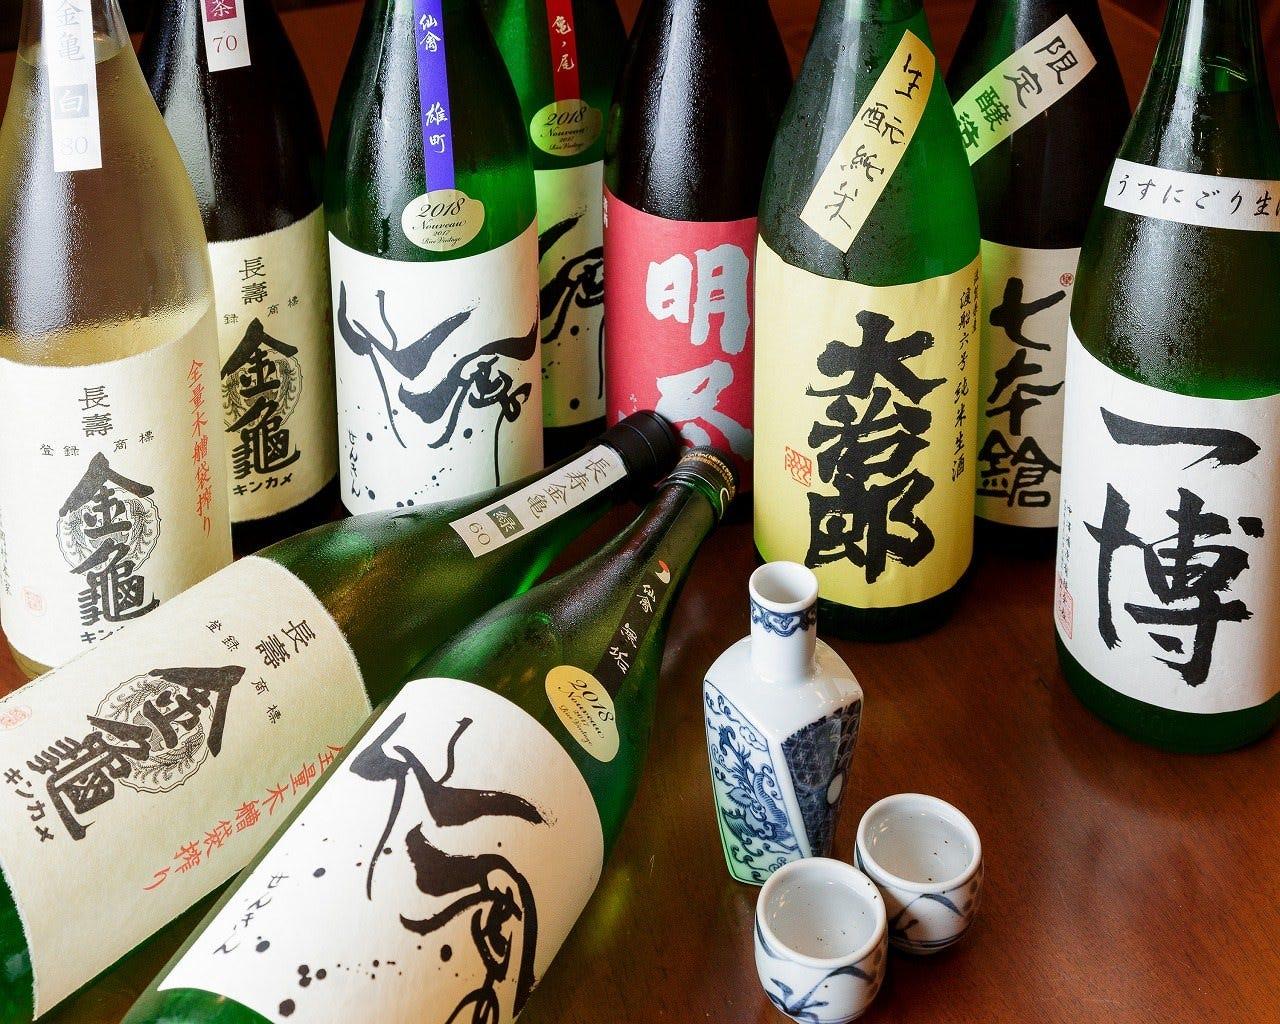 滋賀の地酒と全国の旨い日本酒